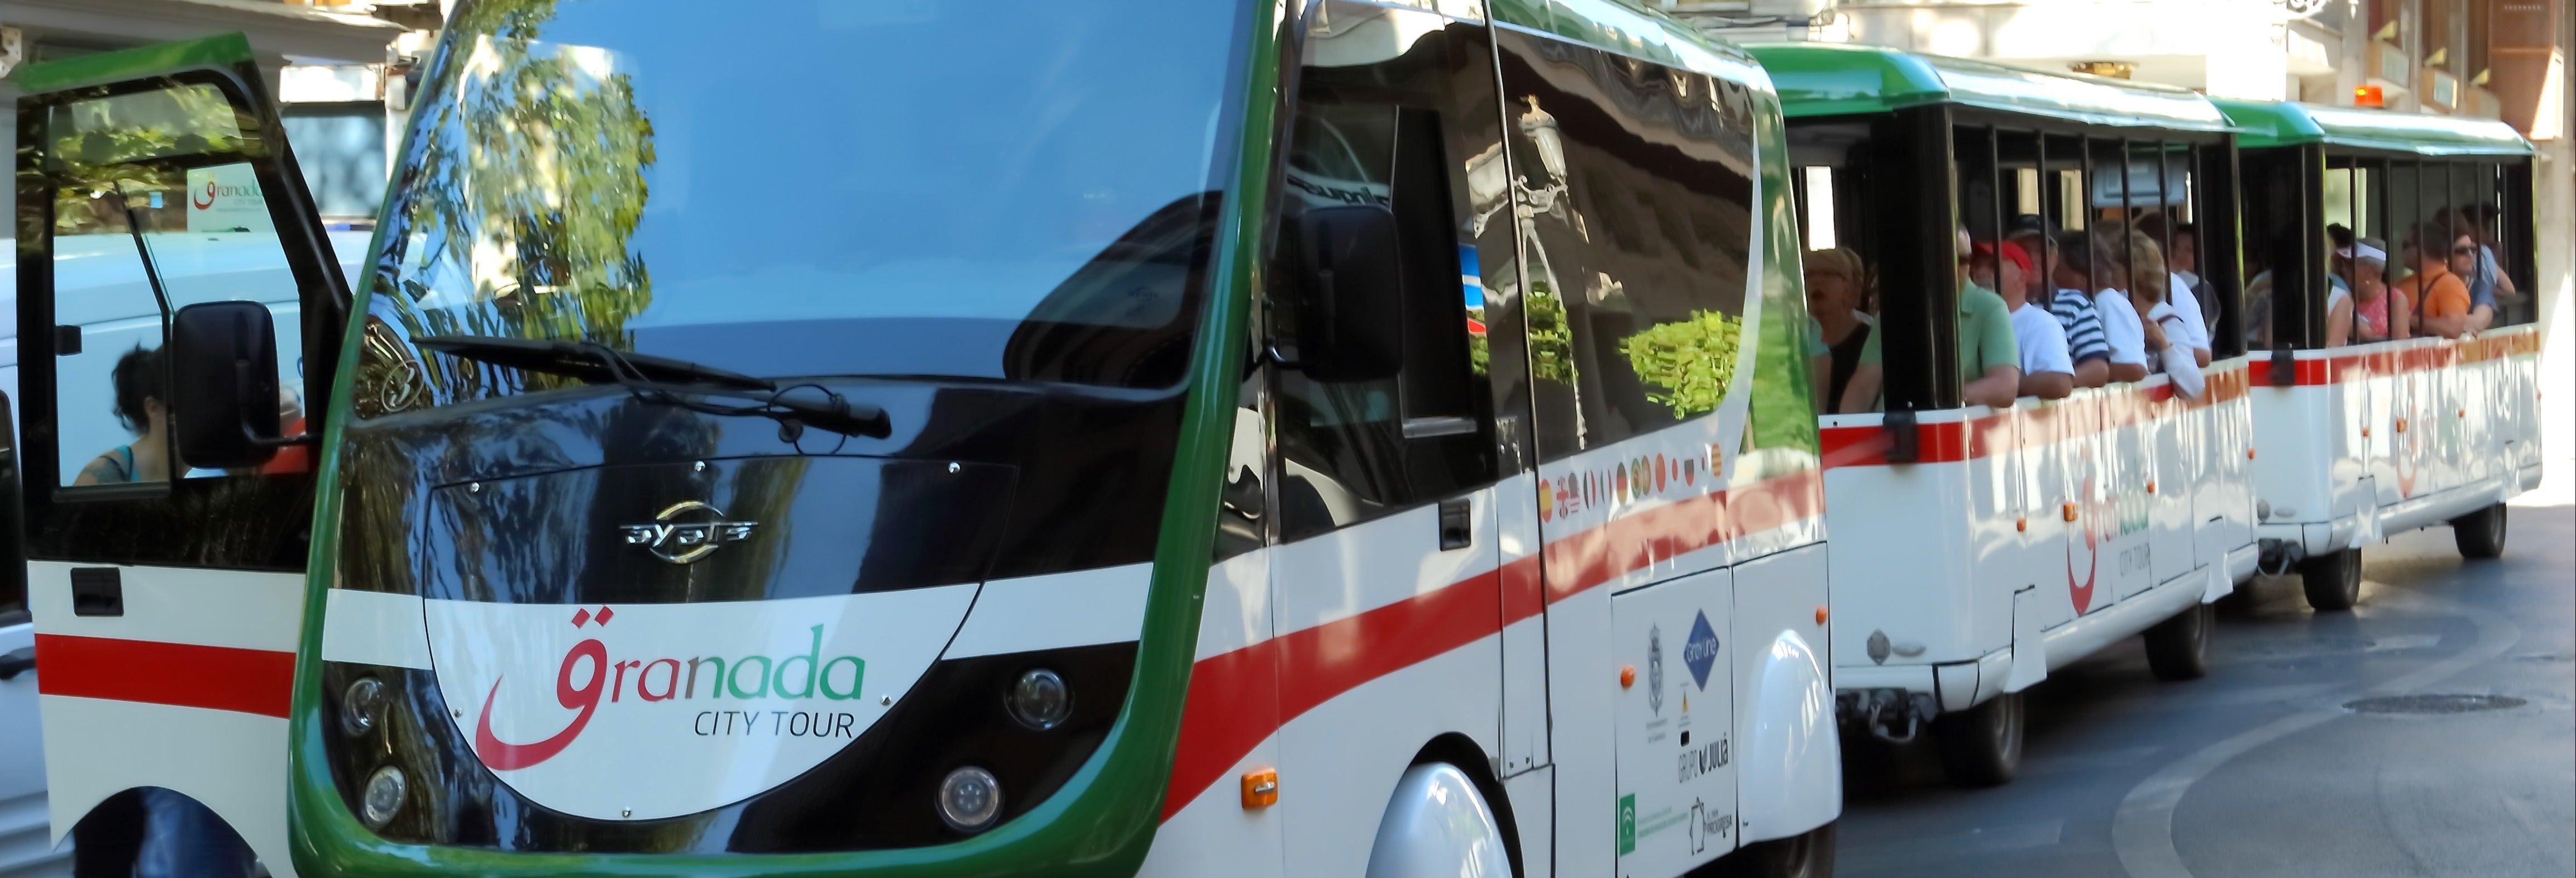 Trem turístico de Granada